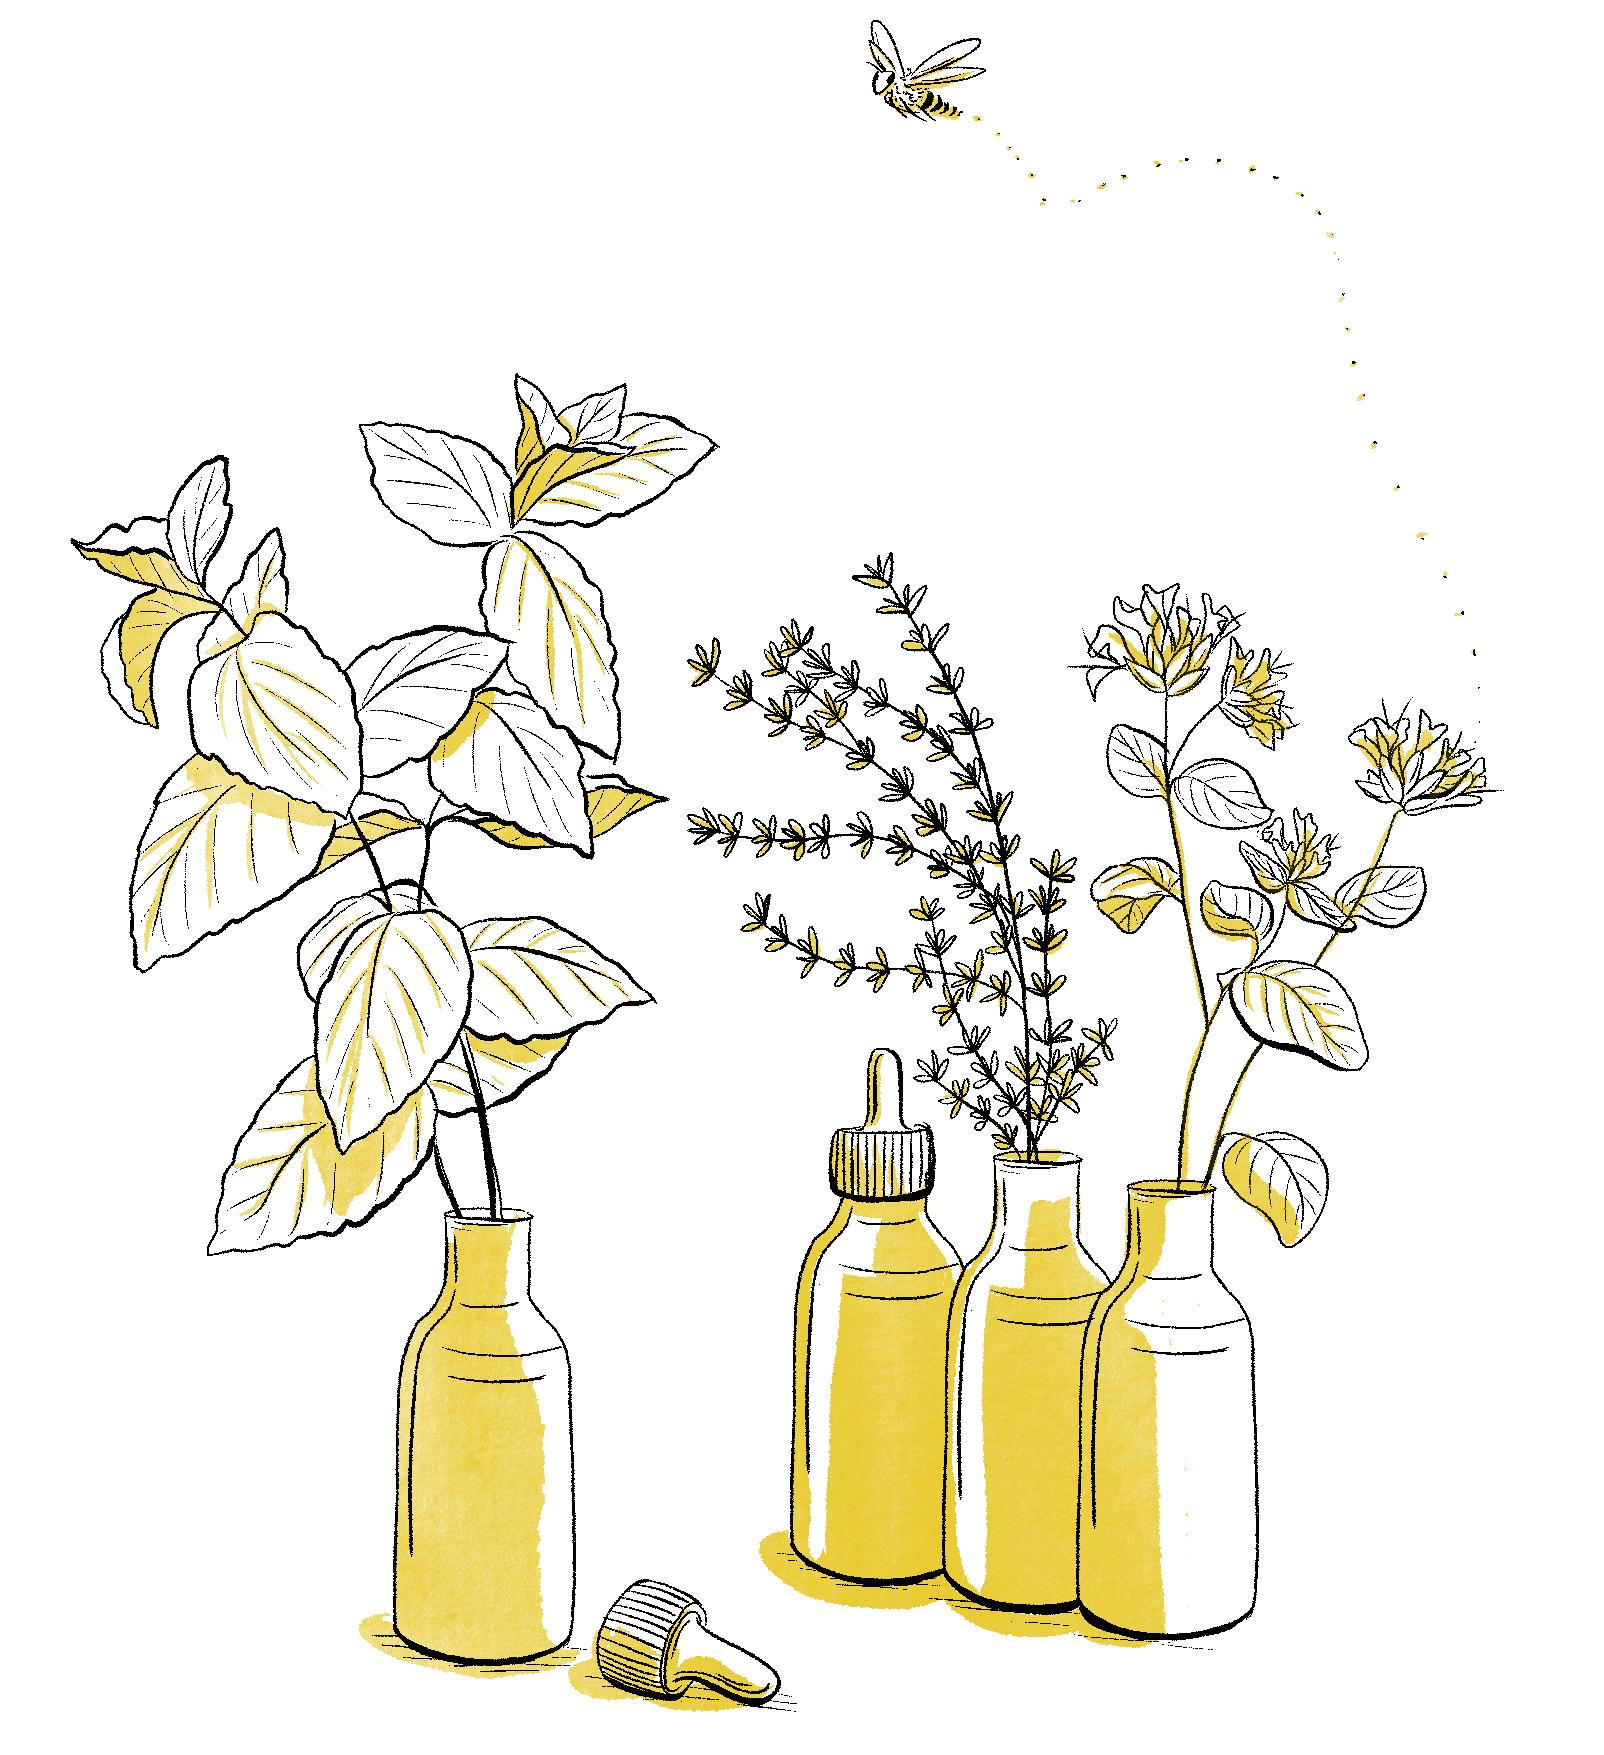 Illu4 clef des champs melika illustration